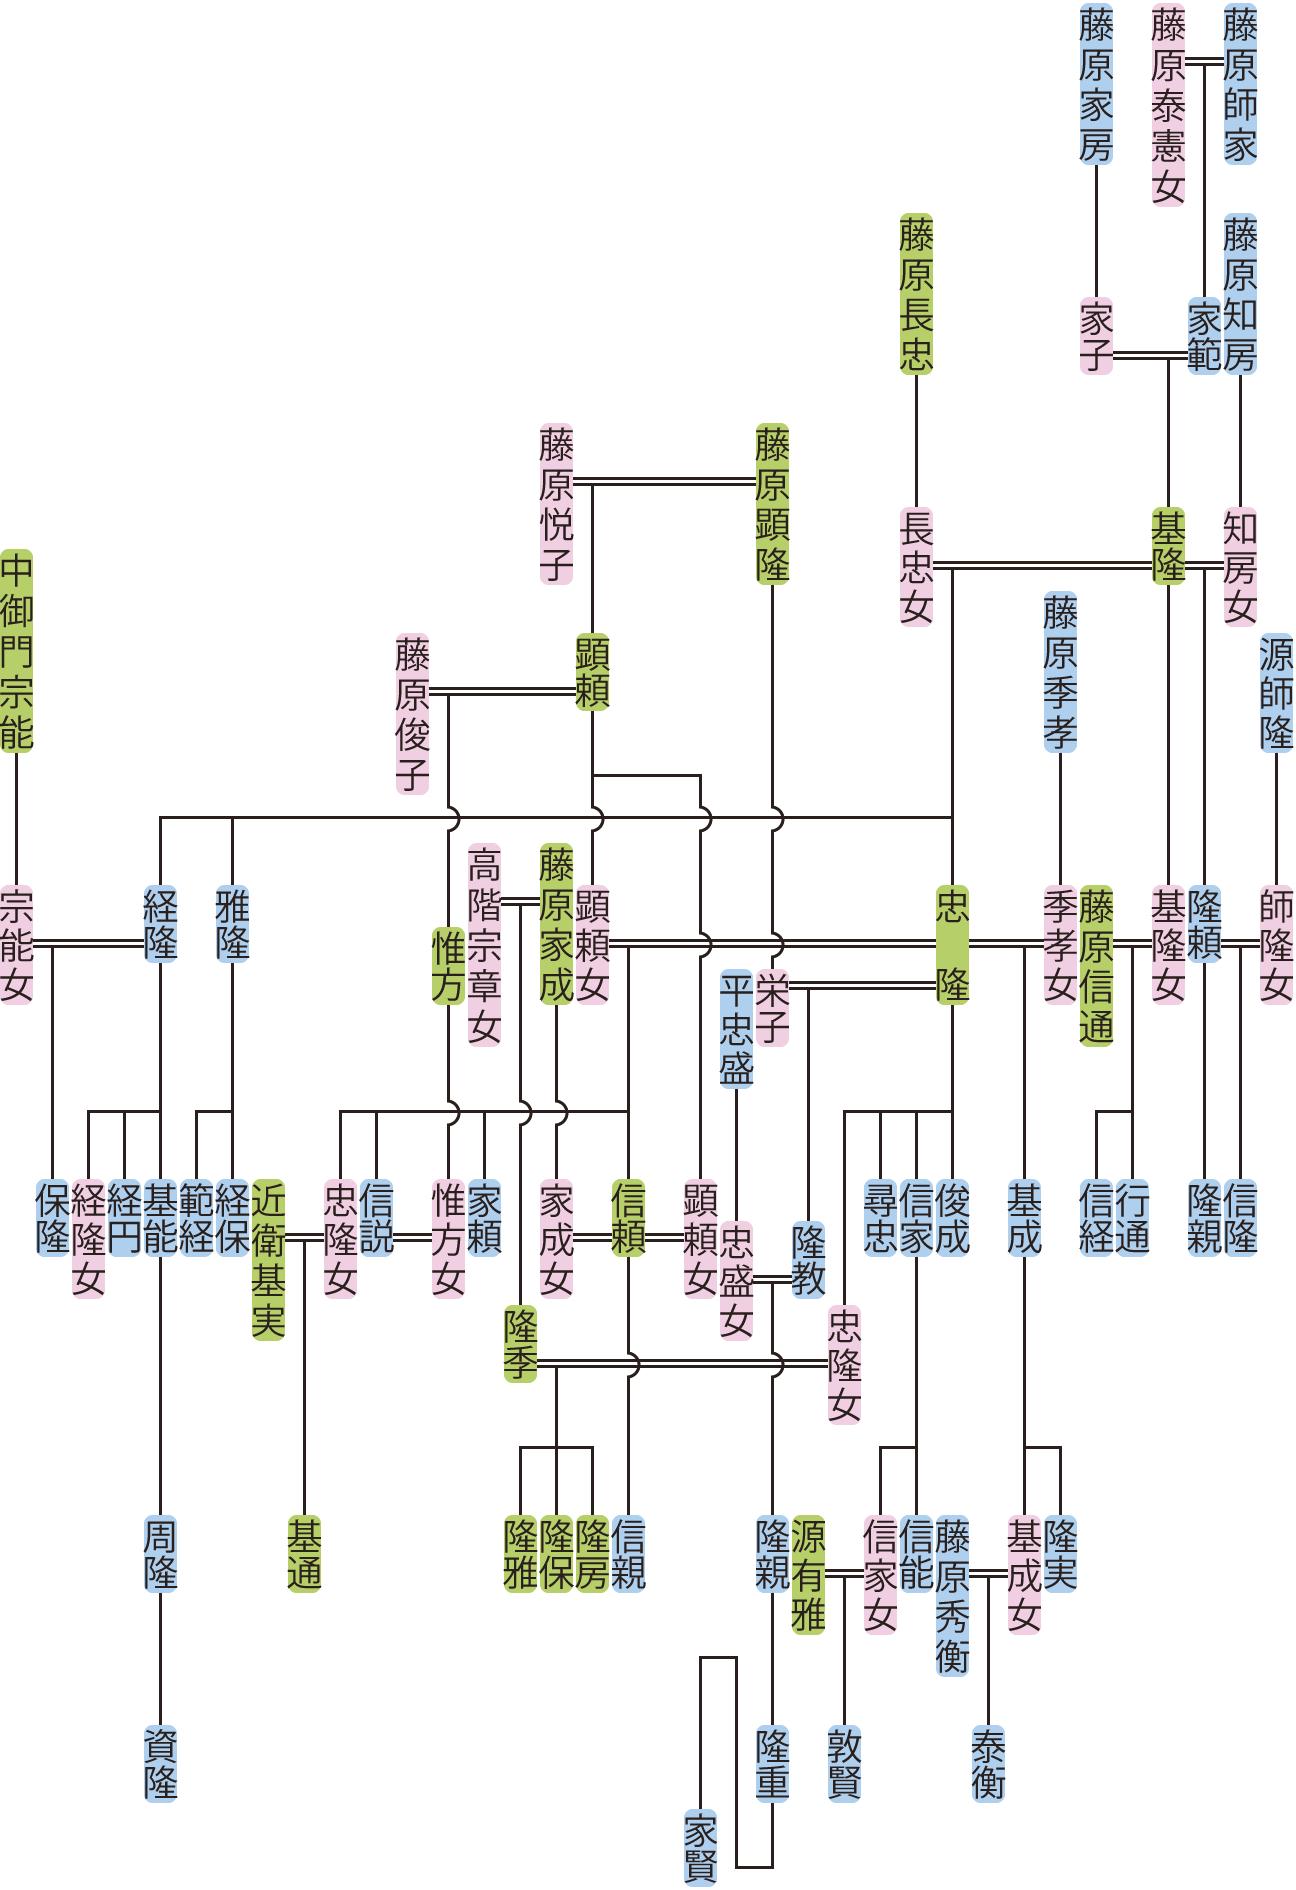 藤原基隆の系図